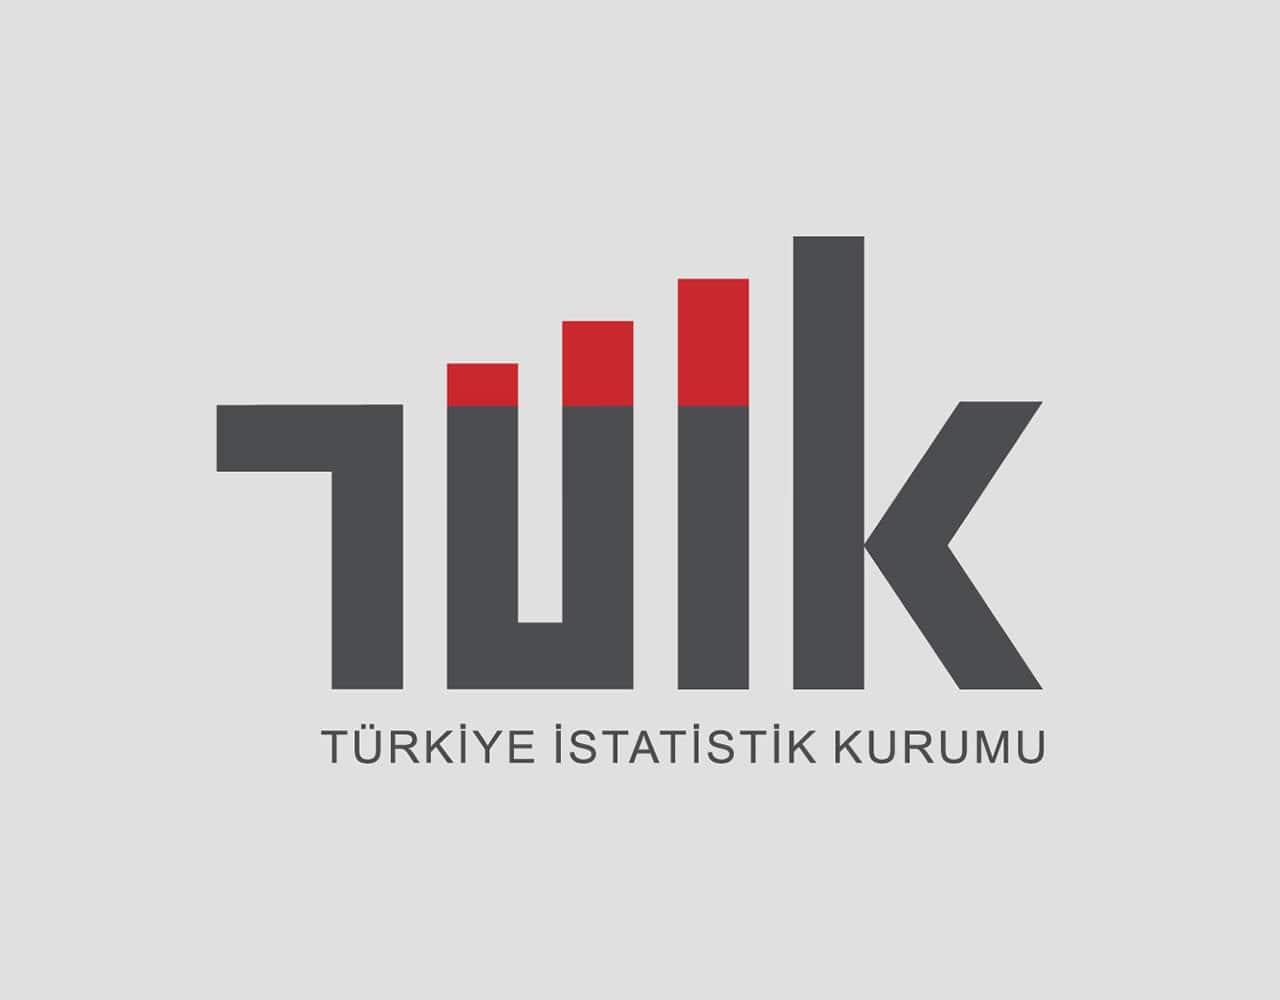 kurumsal kimlik tasarımı, logo